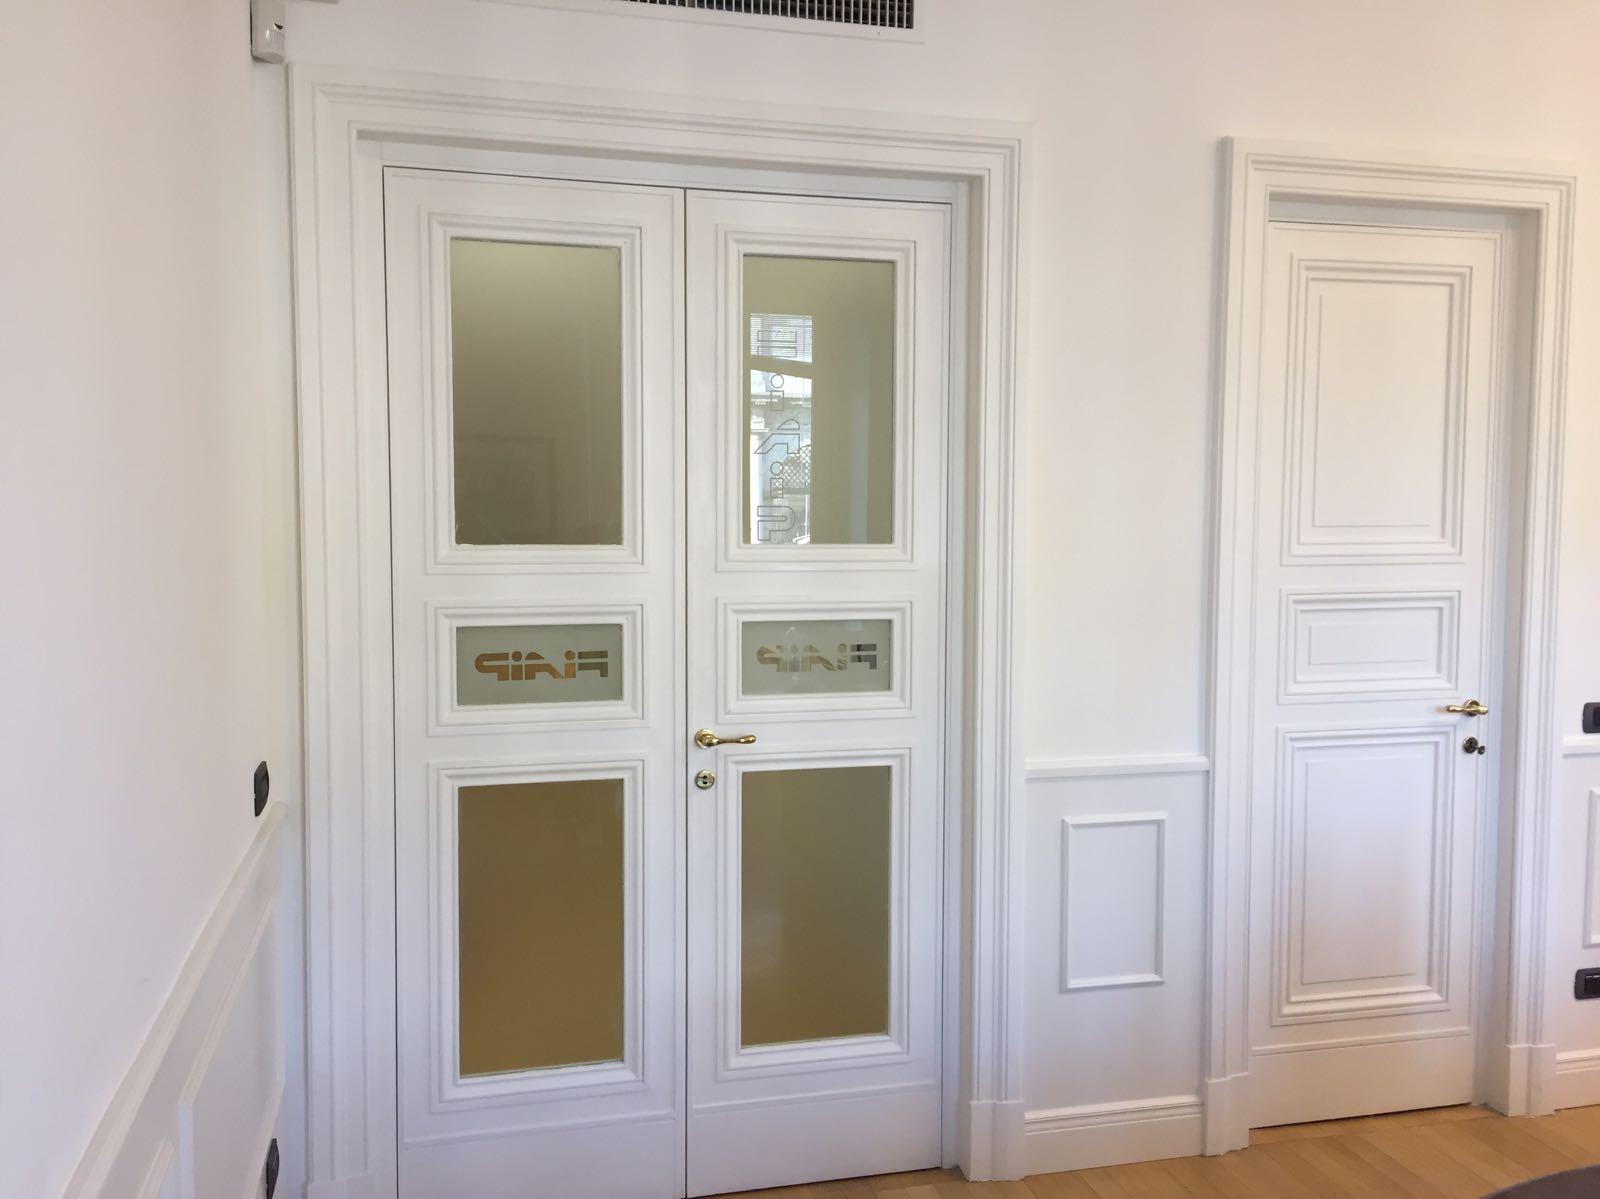 porta ingresso ufficio con vetri roma ESCAPE='HTML'